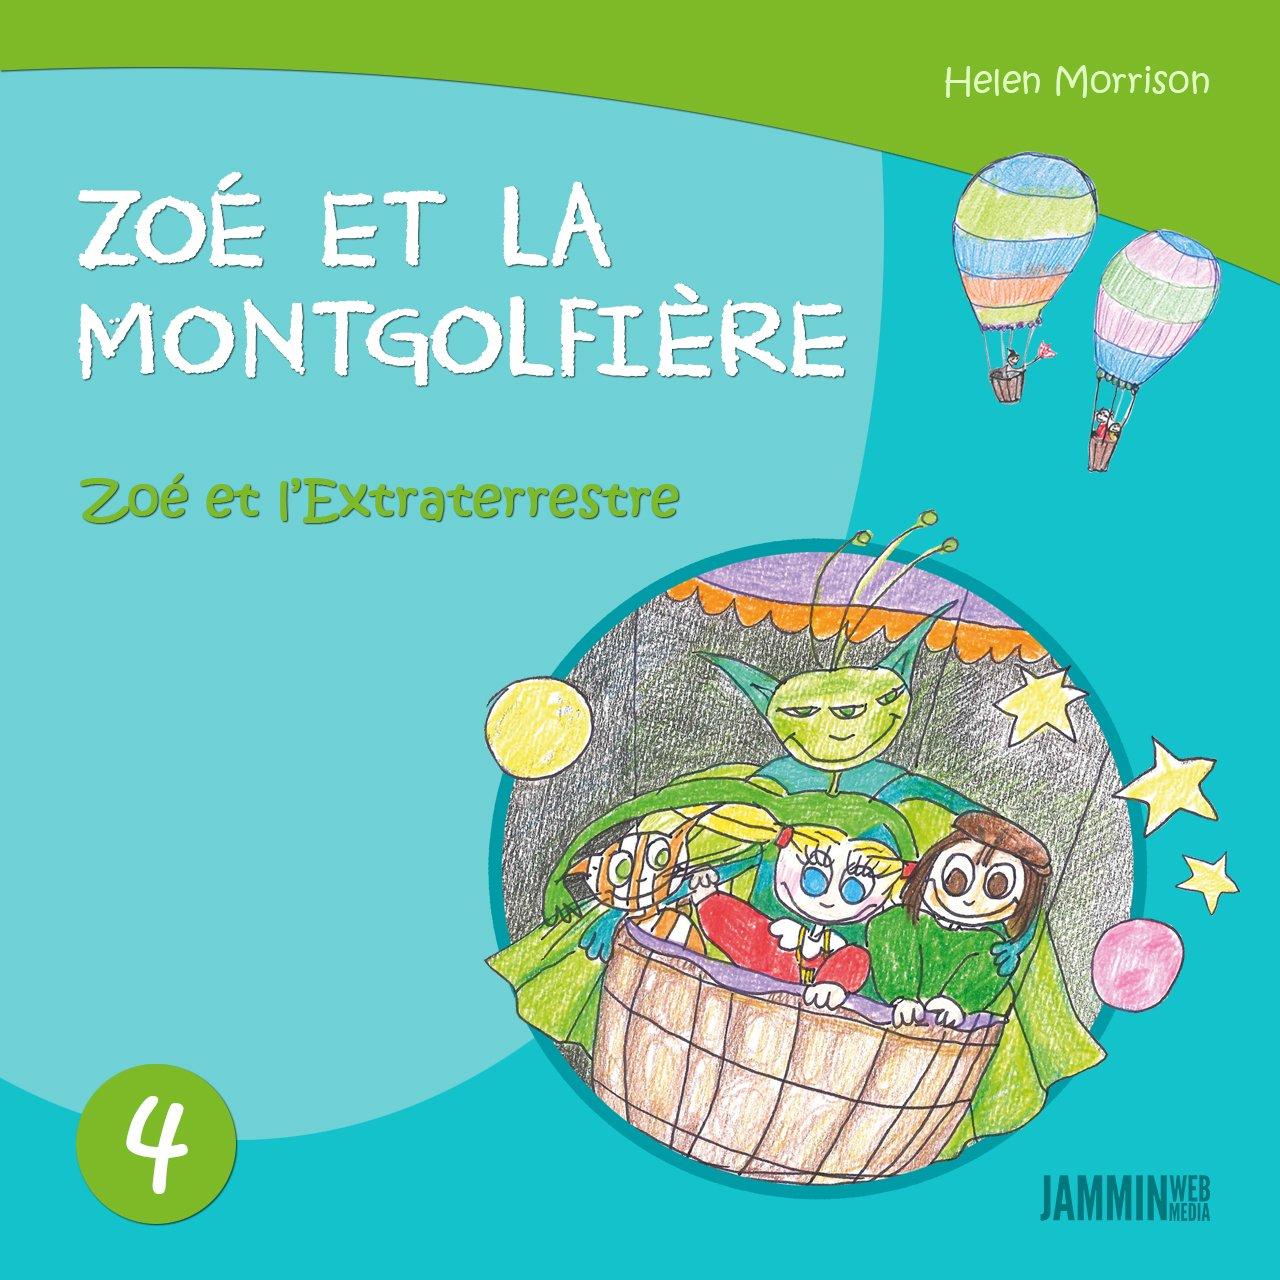 Livres pour enfants: Zoé et l'Extraterrestre: Zoé et la Montgolfière (Livres pour enfants, enfant, enfant 8 ans, enfant secret, livre pour bébé, bébé, enfant 3 ans, enfant 0 à 3 ans, livres enfants) por Helen Morrison